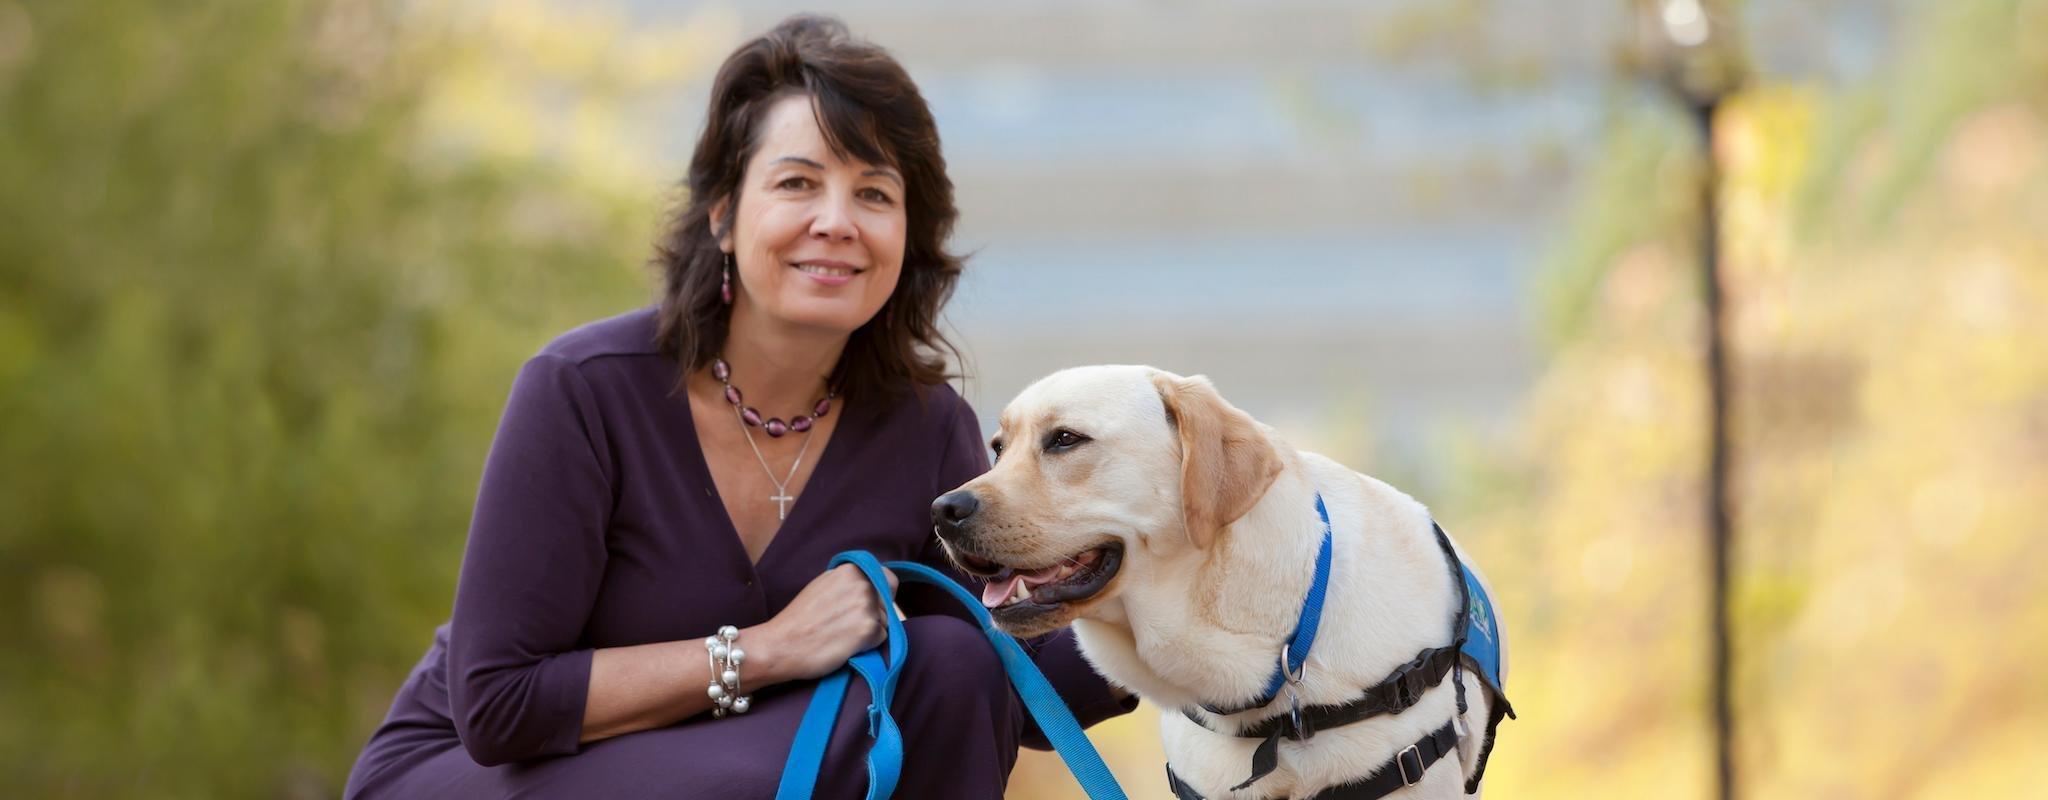 Dr. Hardin On Training Diabetic Alert Dogs